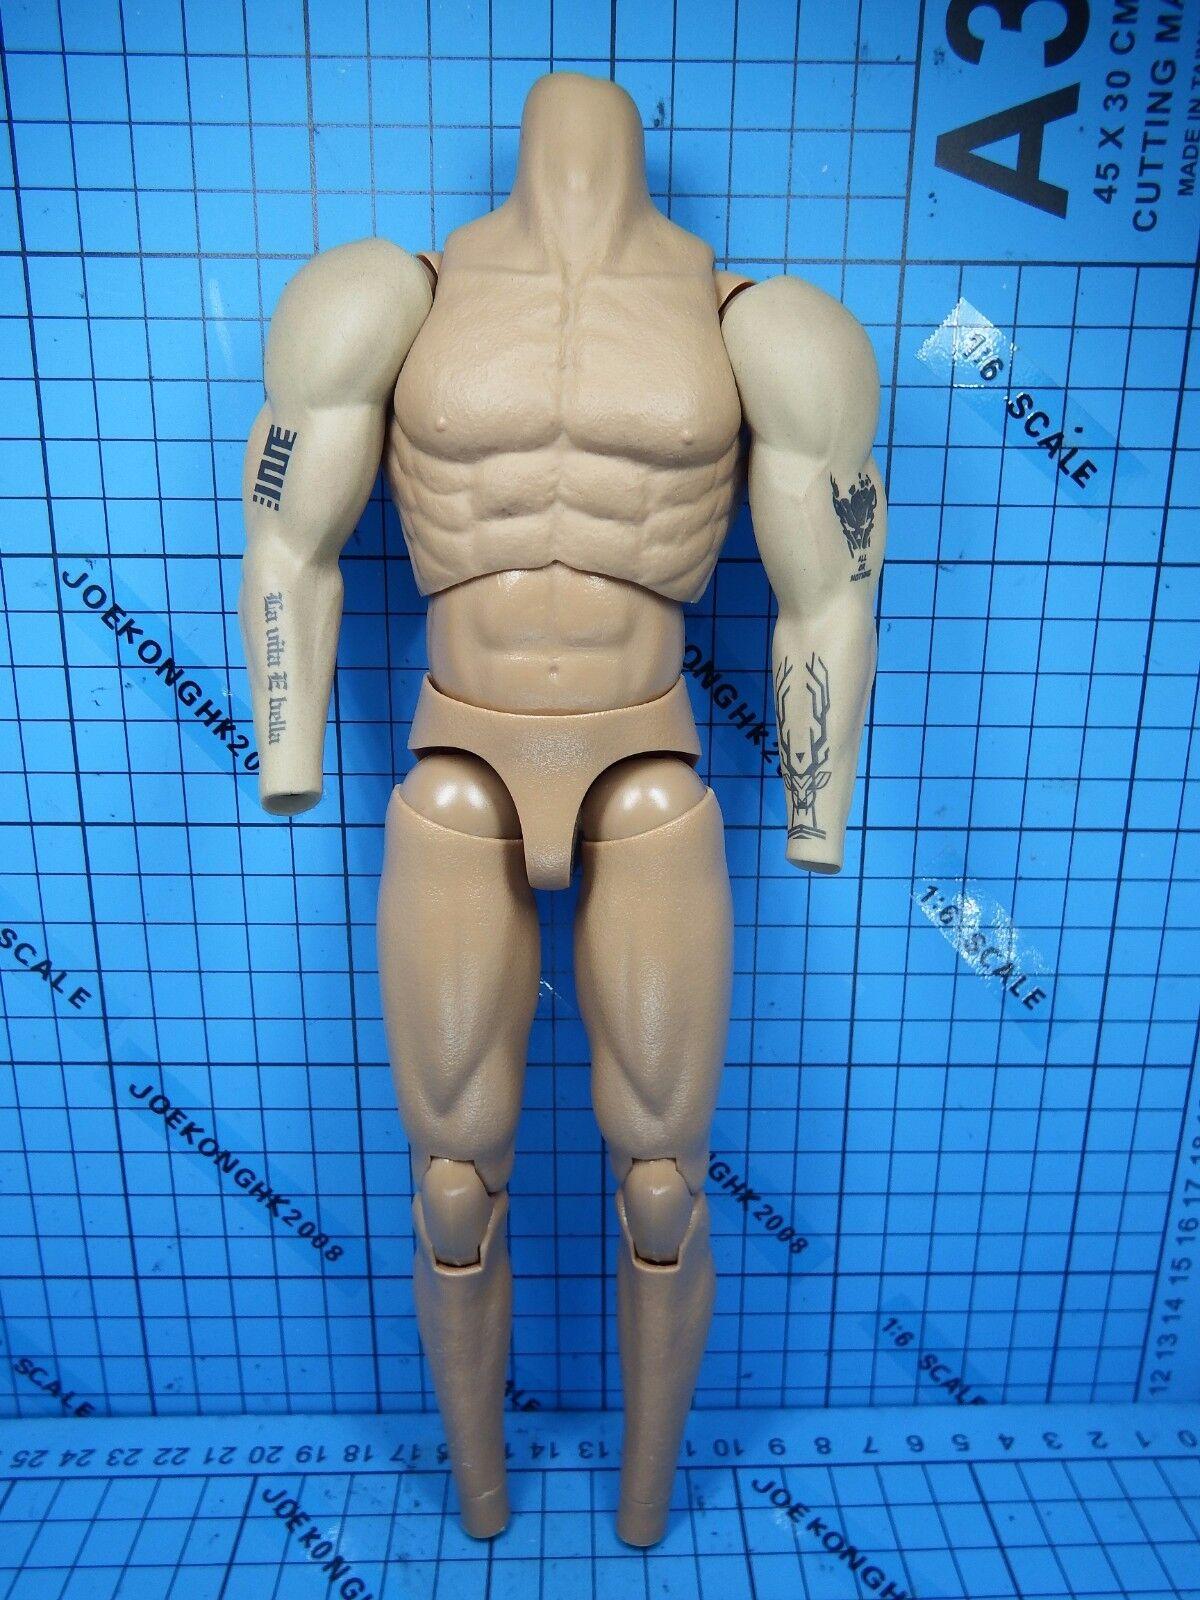 Damm spielzeug bis 6 sf002 titanen auf frank casey bild - 3.0 - gemeinsame muskulösen körper